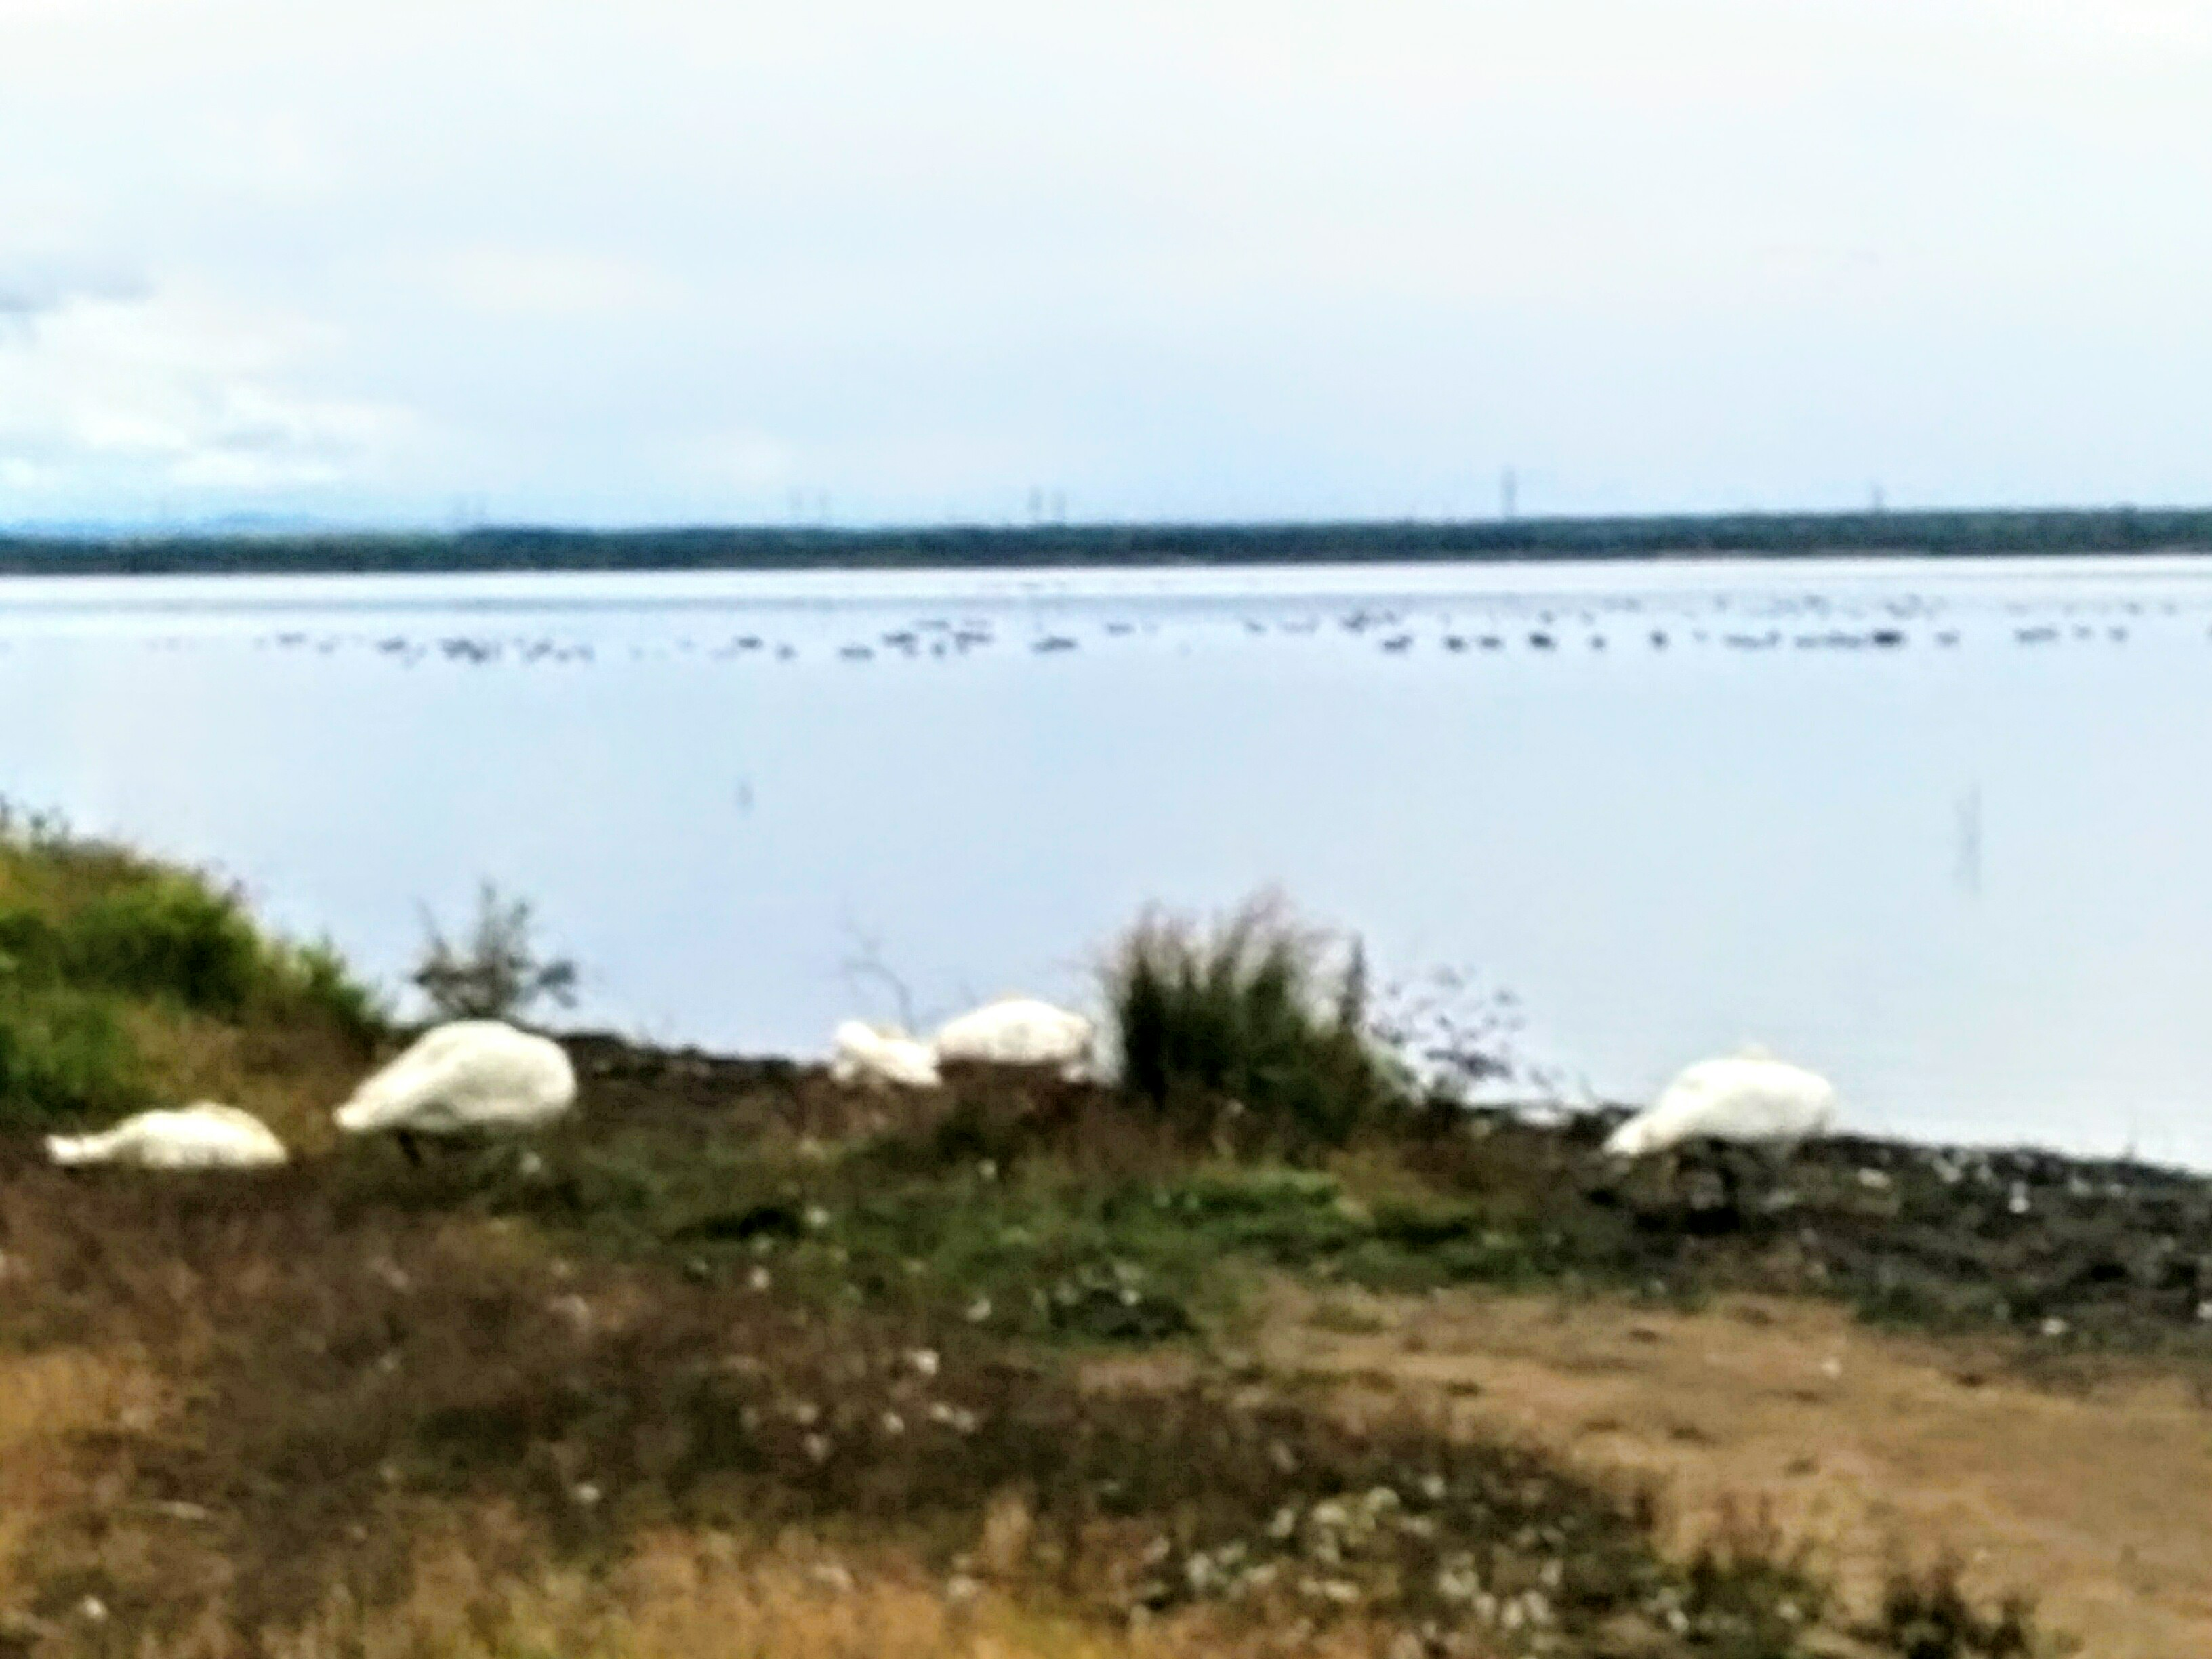 【苫小牧】ウトナイ湖周辺観光案内です。